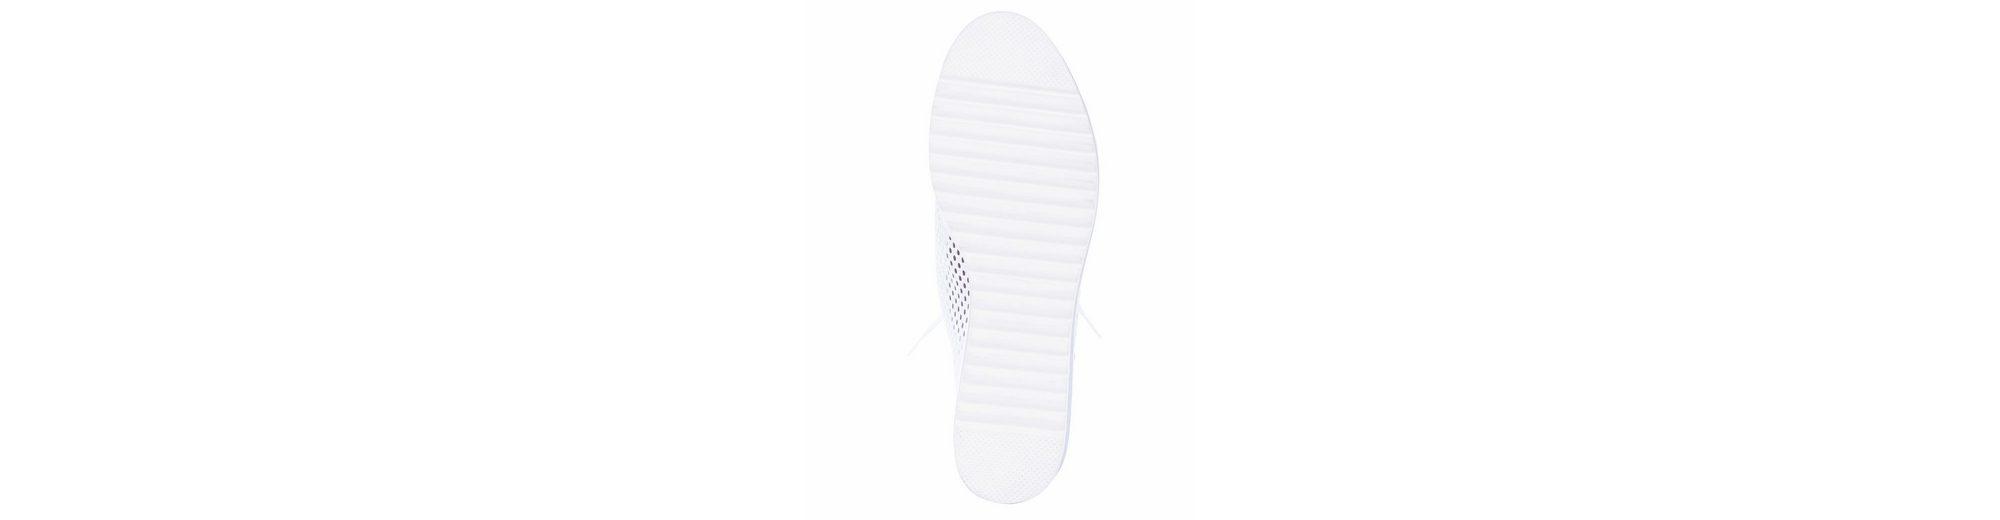 Heine Sneaker mit Mesh-Einsätzen Billig Verkauf Websites Verkauf Klassische Empfehlen 2018 Neueste Online Schnelle Lieferung Zu Verkaufen Uhgqm0bAC